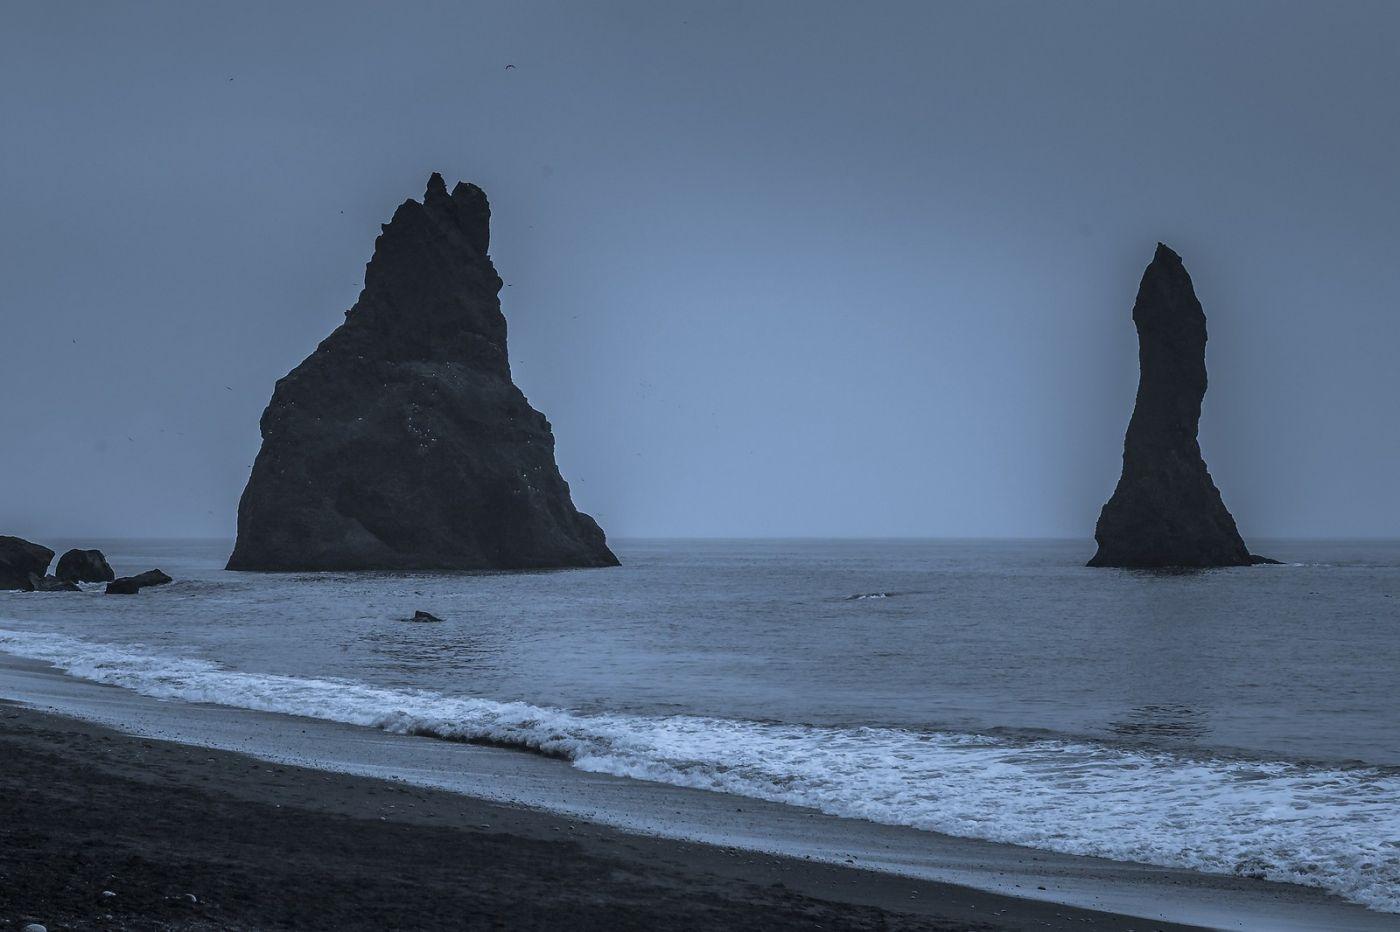 冰岛雷尼斯法加拉黑沙滩(Reynisfjara Black Sand Beach)_图1-26